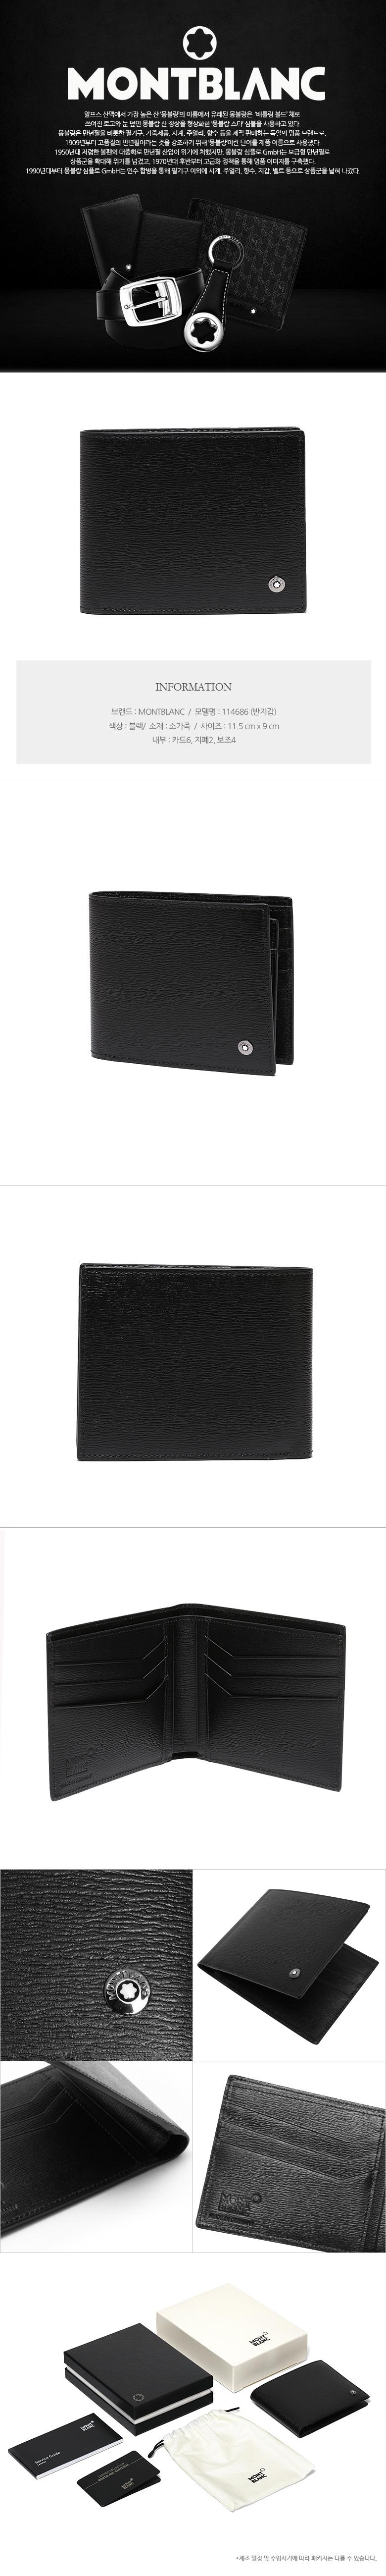 몽블랑(MONTBLANC) MONTBLANC 몽블랑 114686 4810 웨스트사이드 6cc 지갑